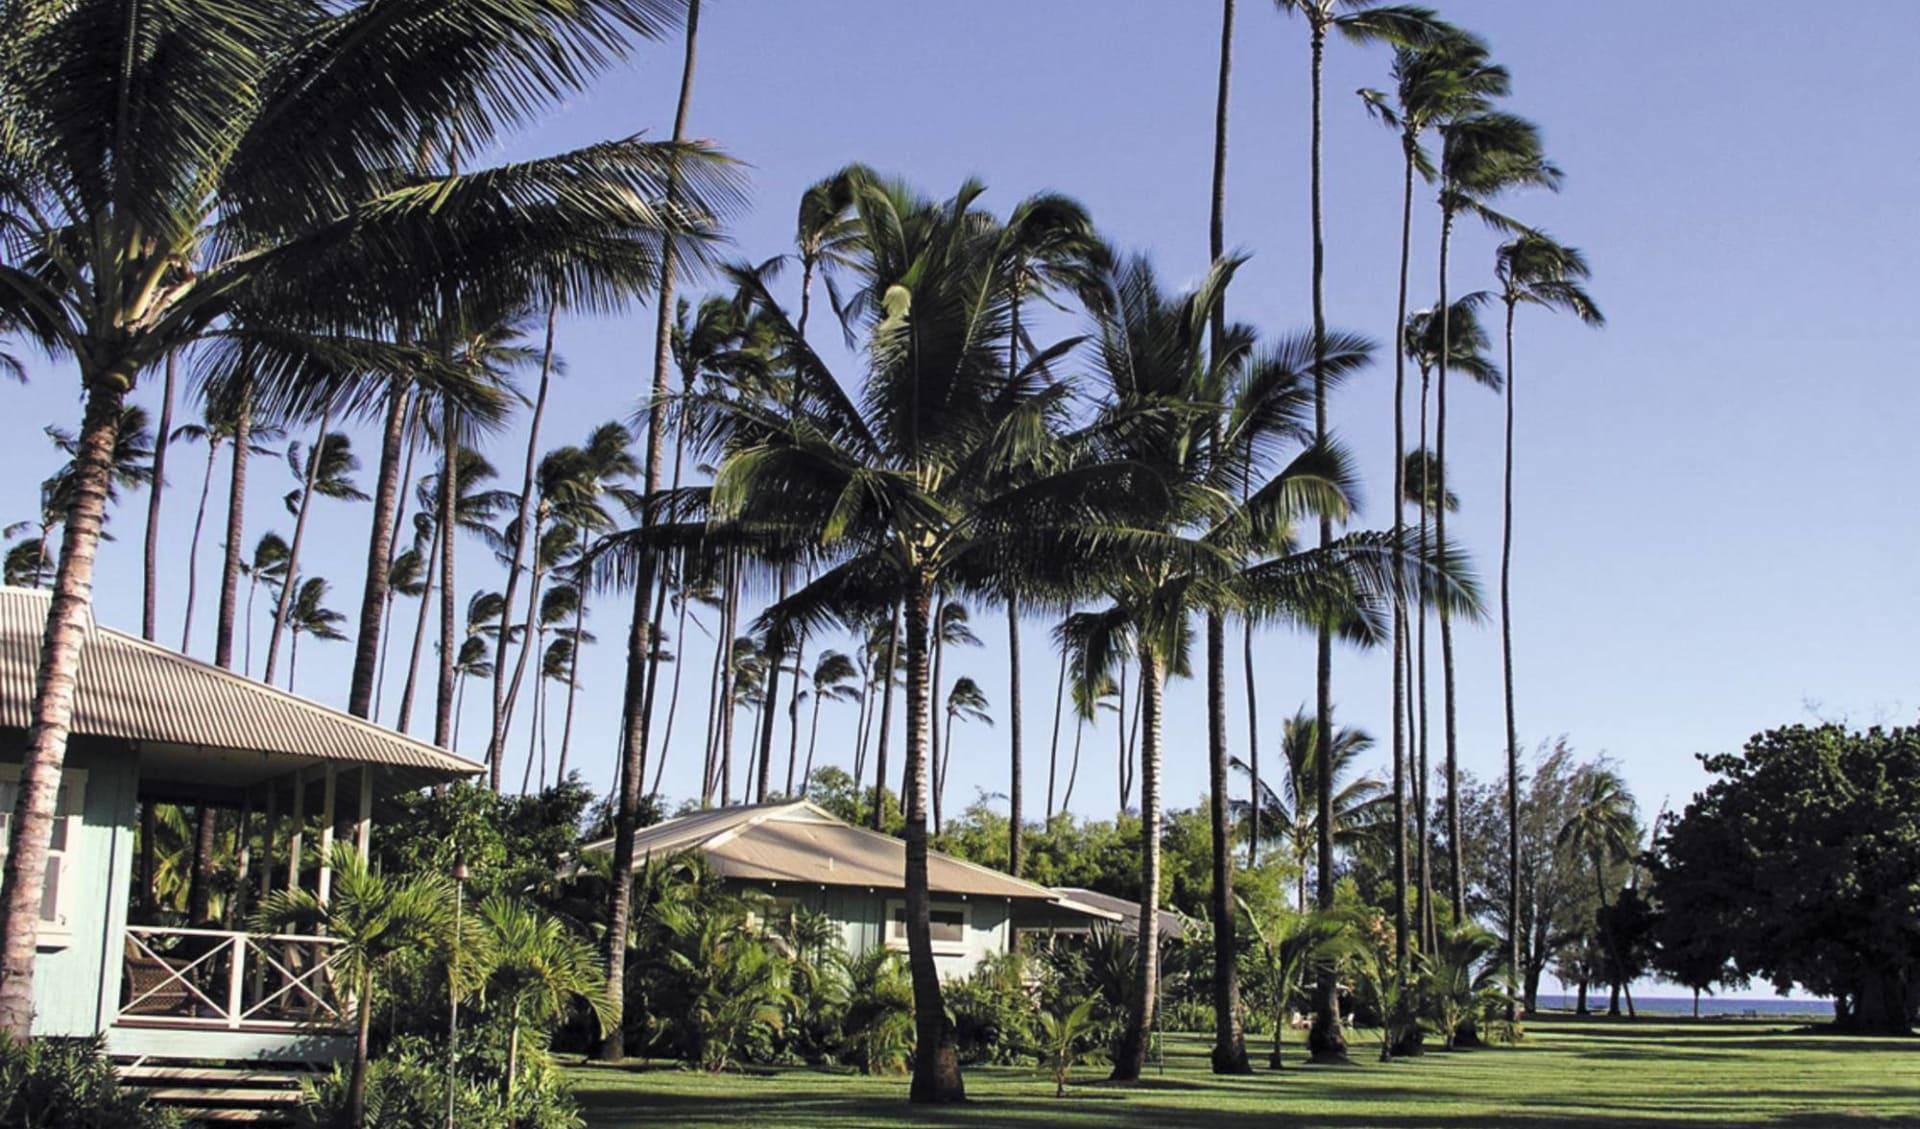 Waimea Plantation Cottages in Waimea - Kauai: exterior waimea plantation cottages garten